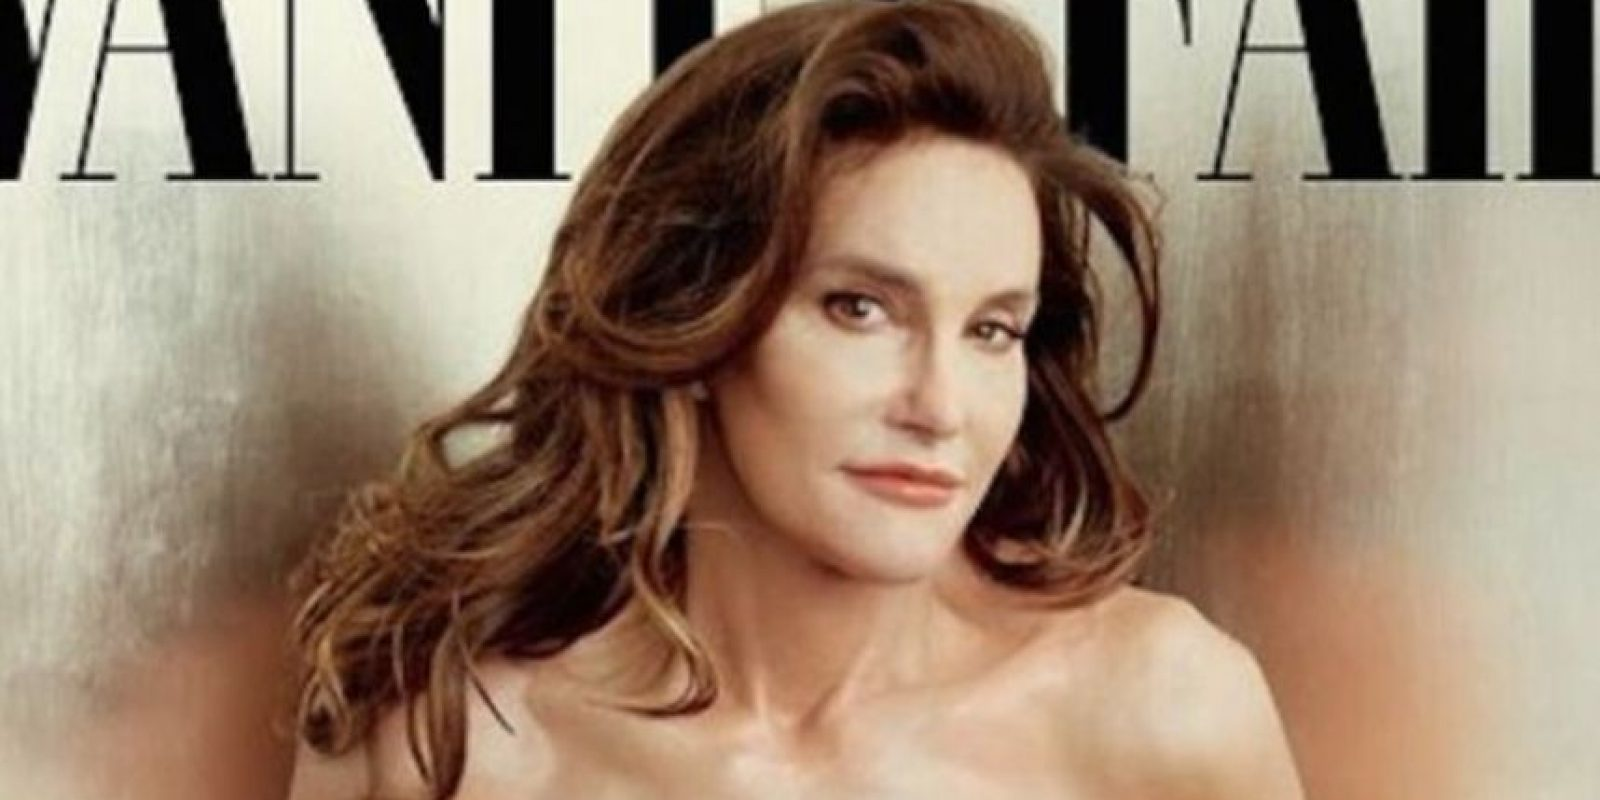 Le ha tocado comprometerse más con la colectividad LGBTI. Foto:Getty Images